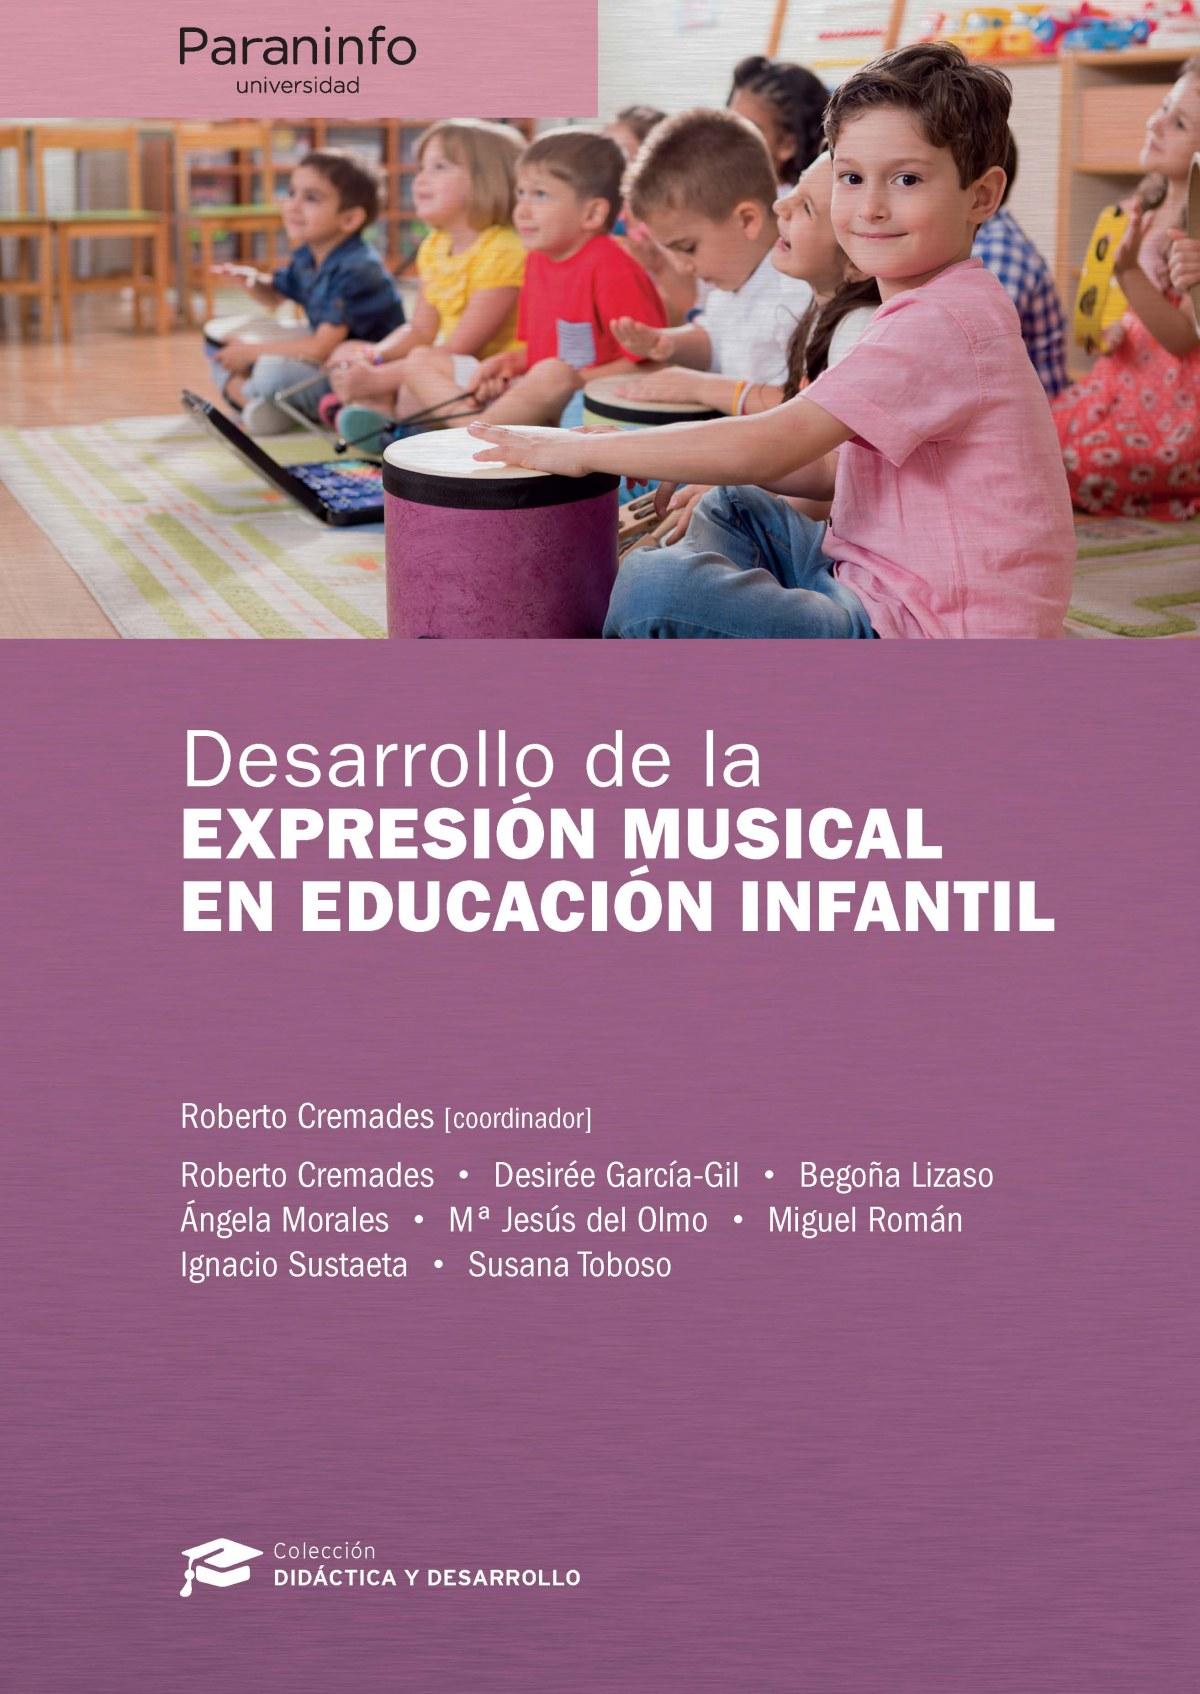 DESARROLLO DE LA EXPRESION MUSICAL EN EDUCACION INFANTIL